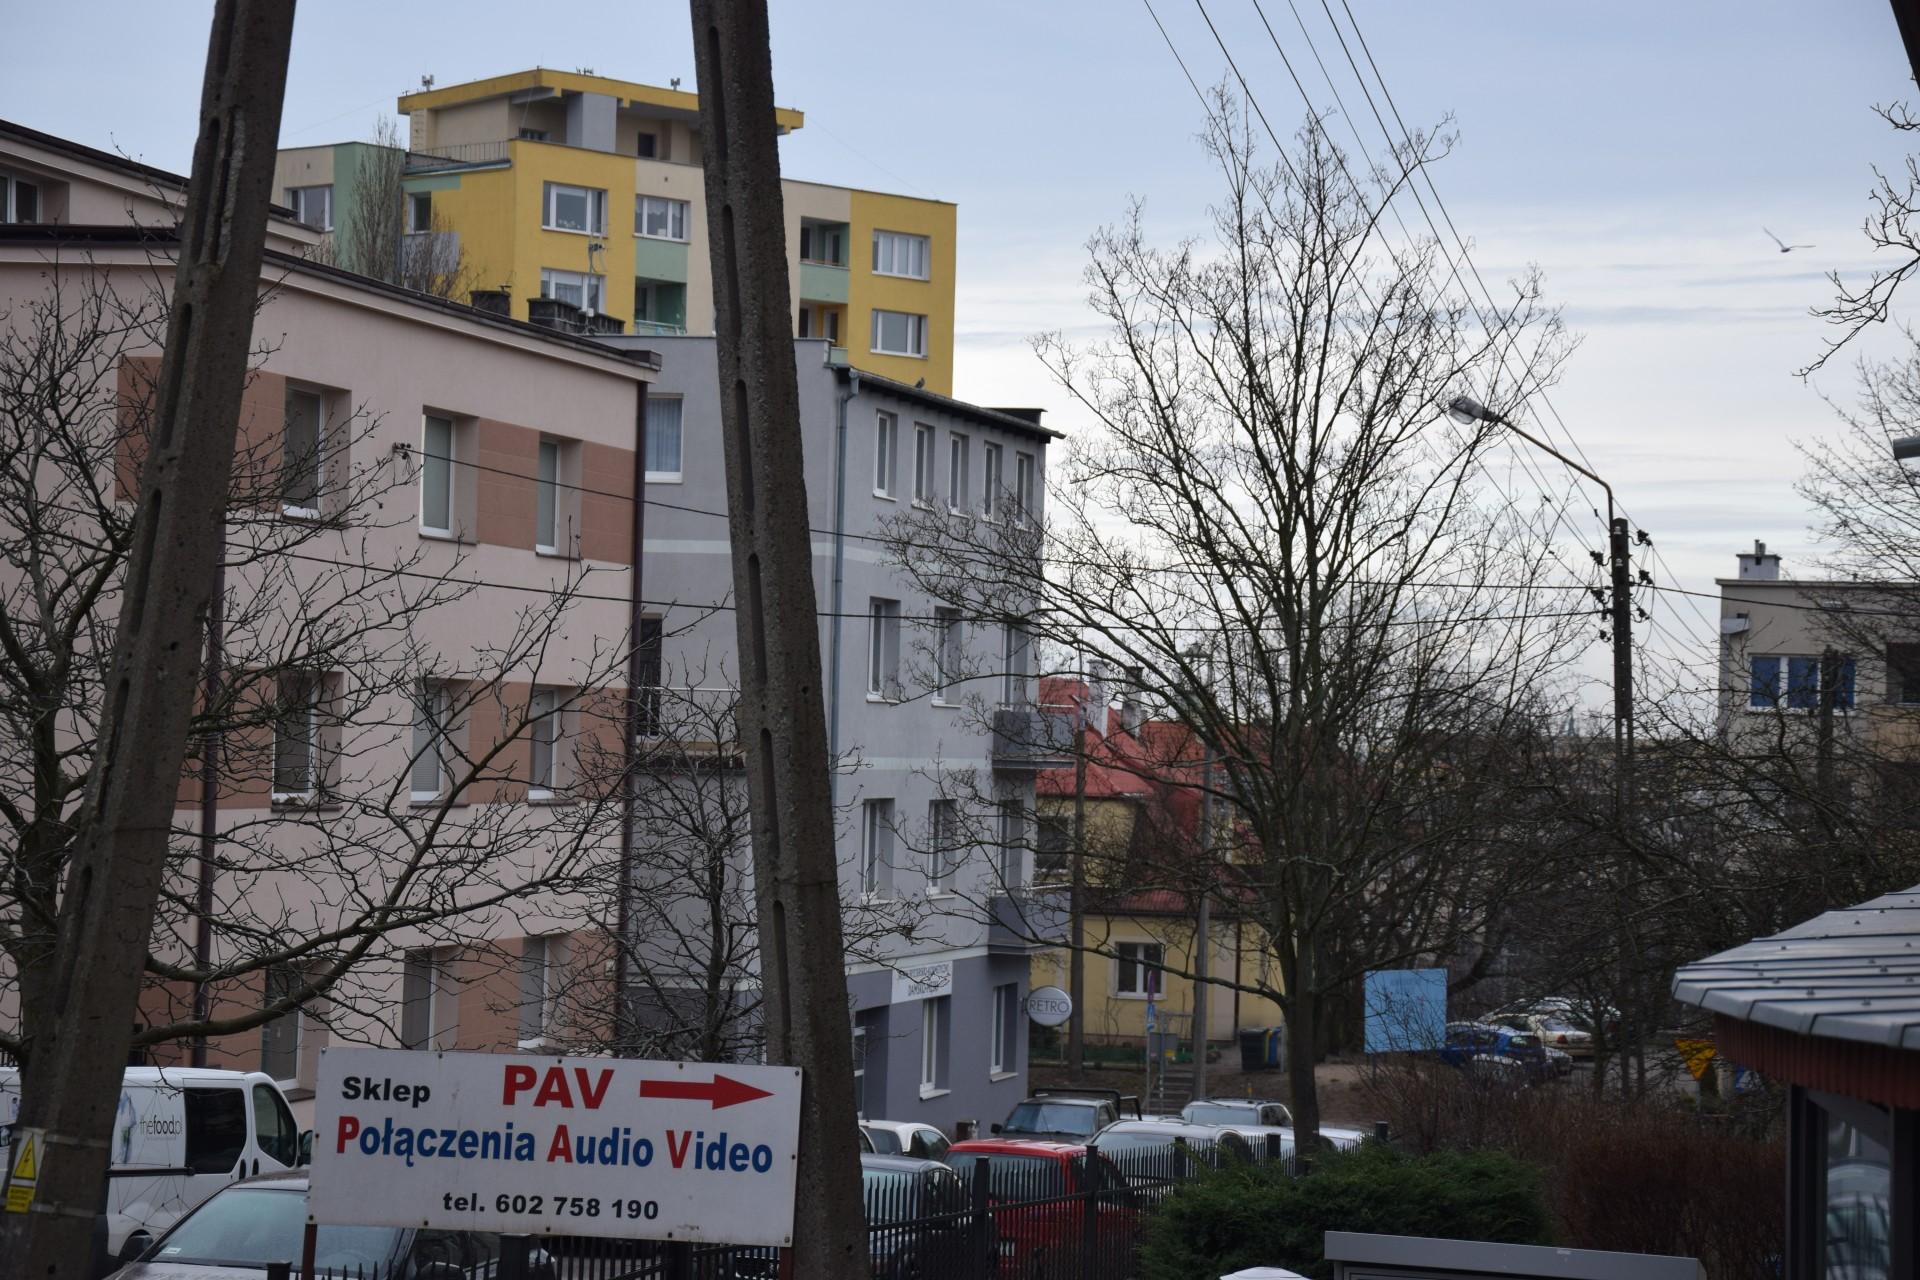 Druga wyprawa do wsi Gdynia 6